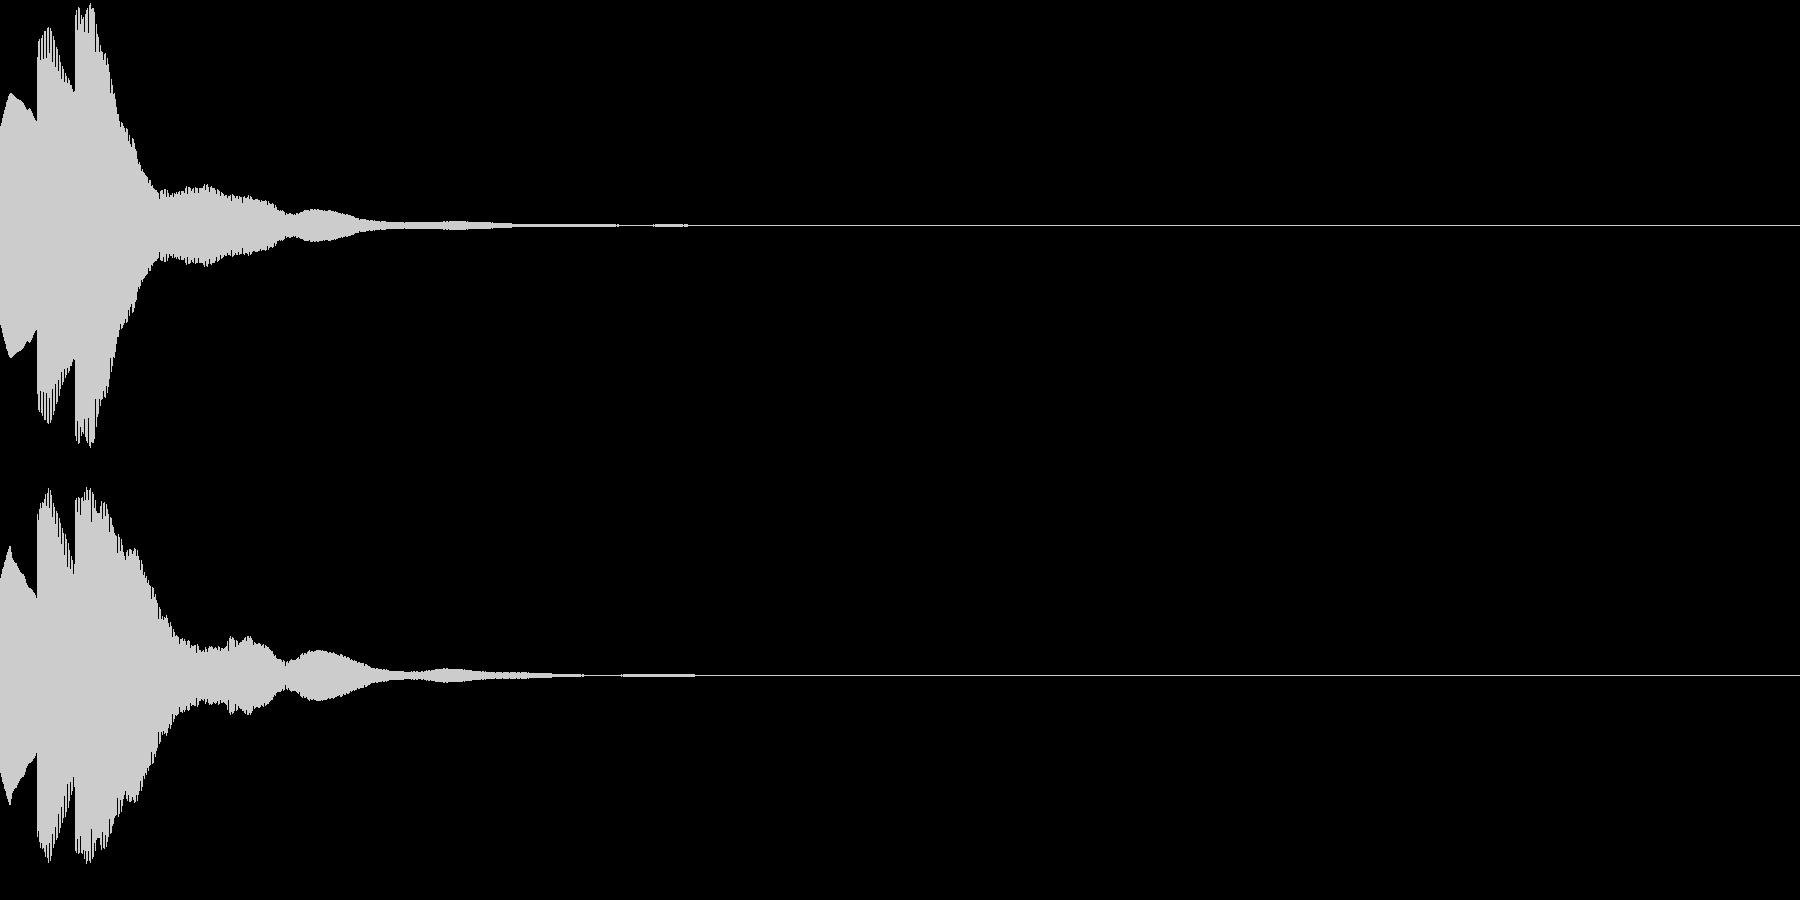 ベル キャンセル 閉じる チャラランの未再生の波形